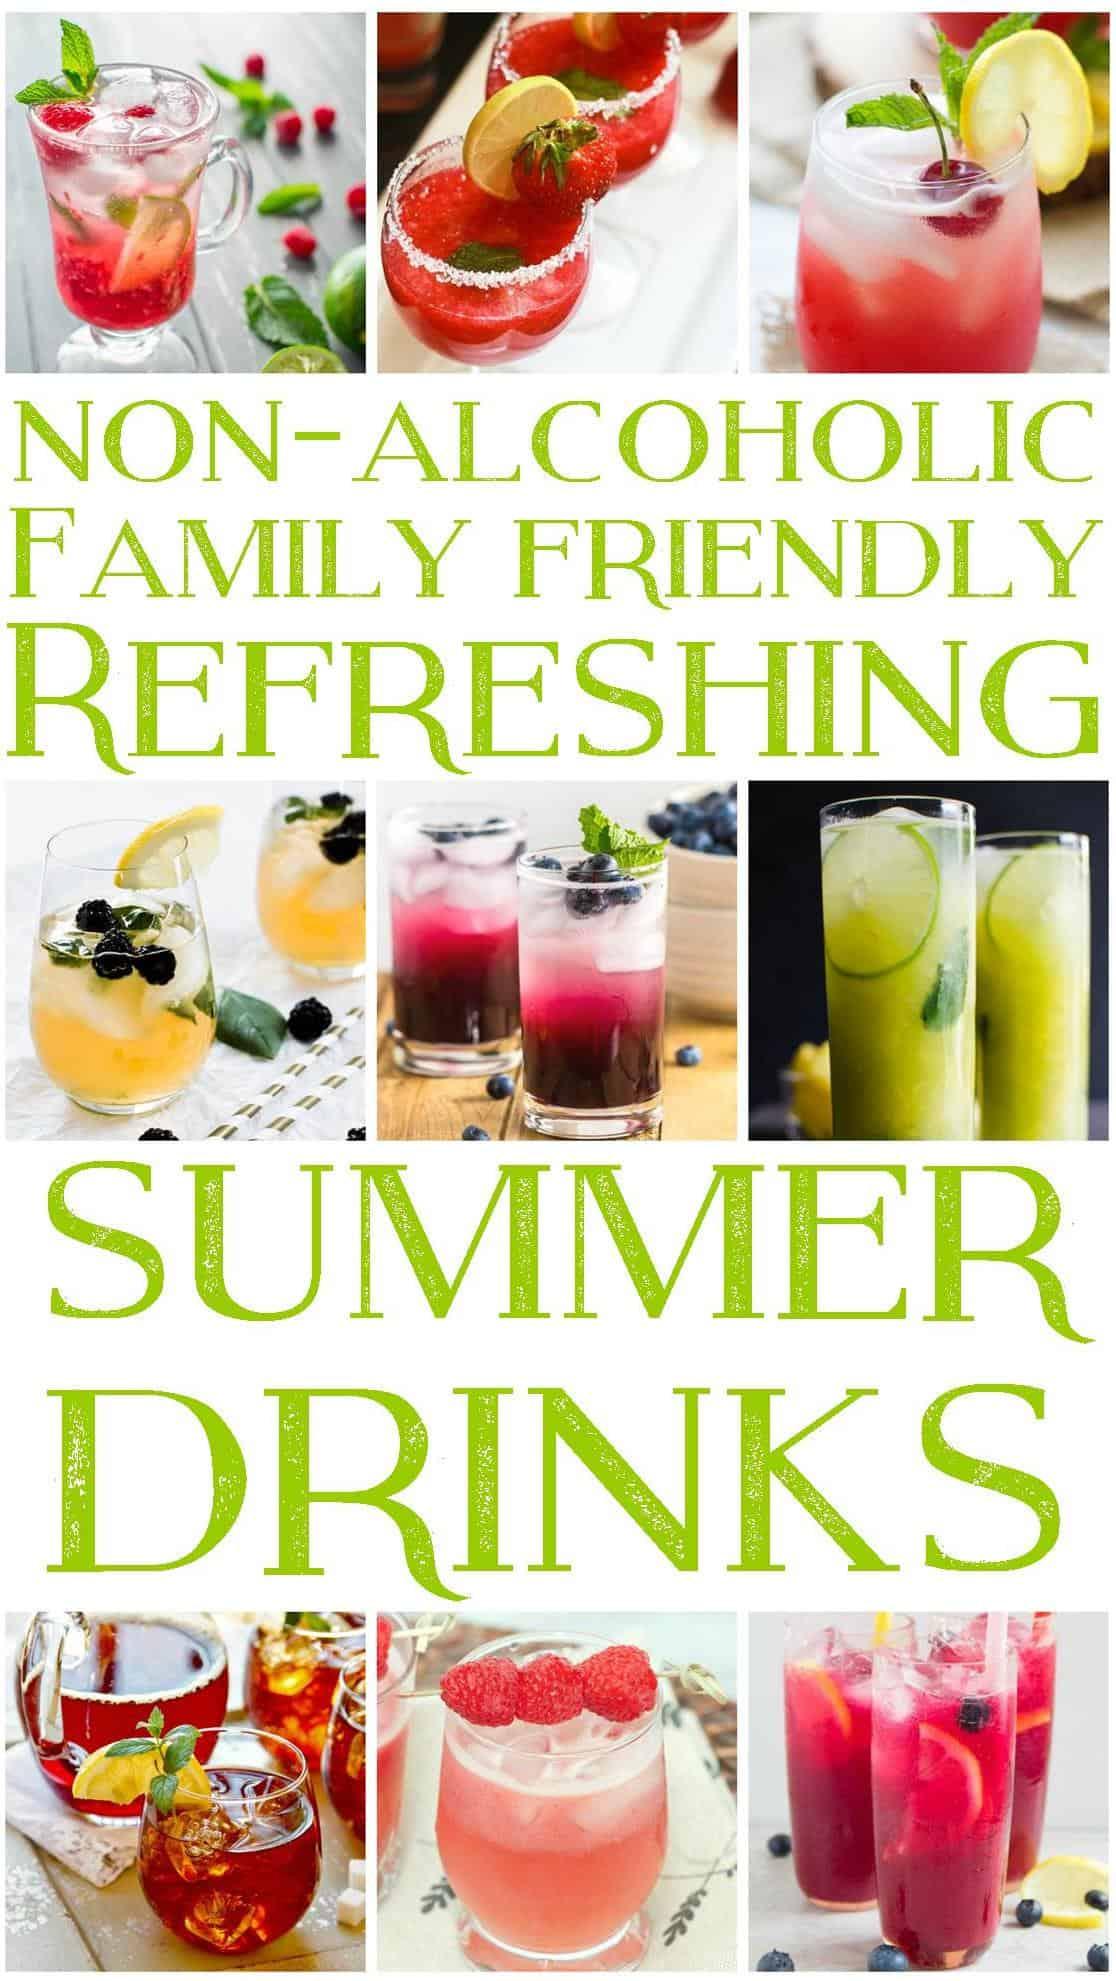 Summer Drinks Pinterest Image